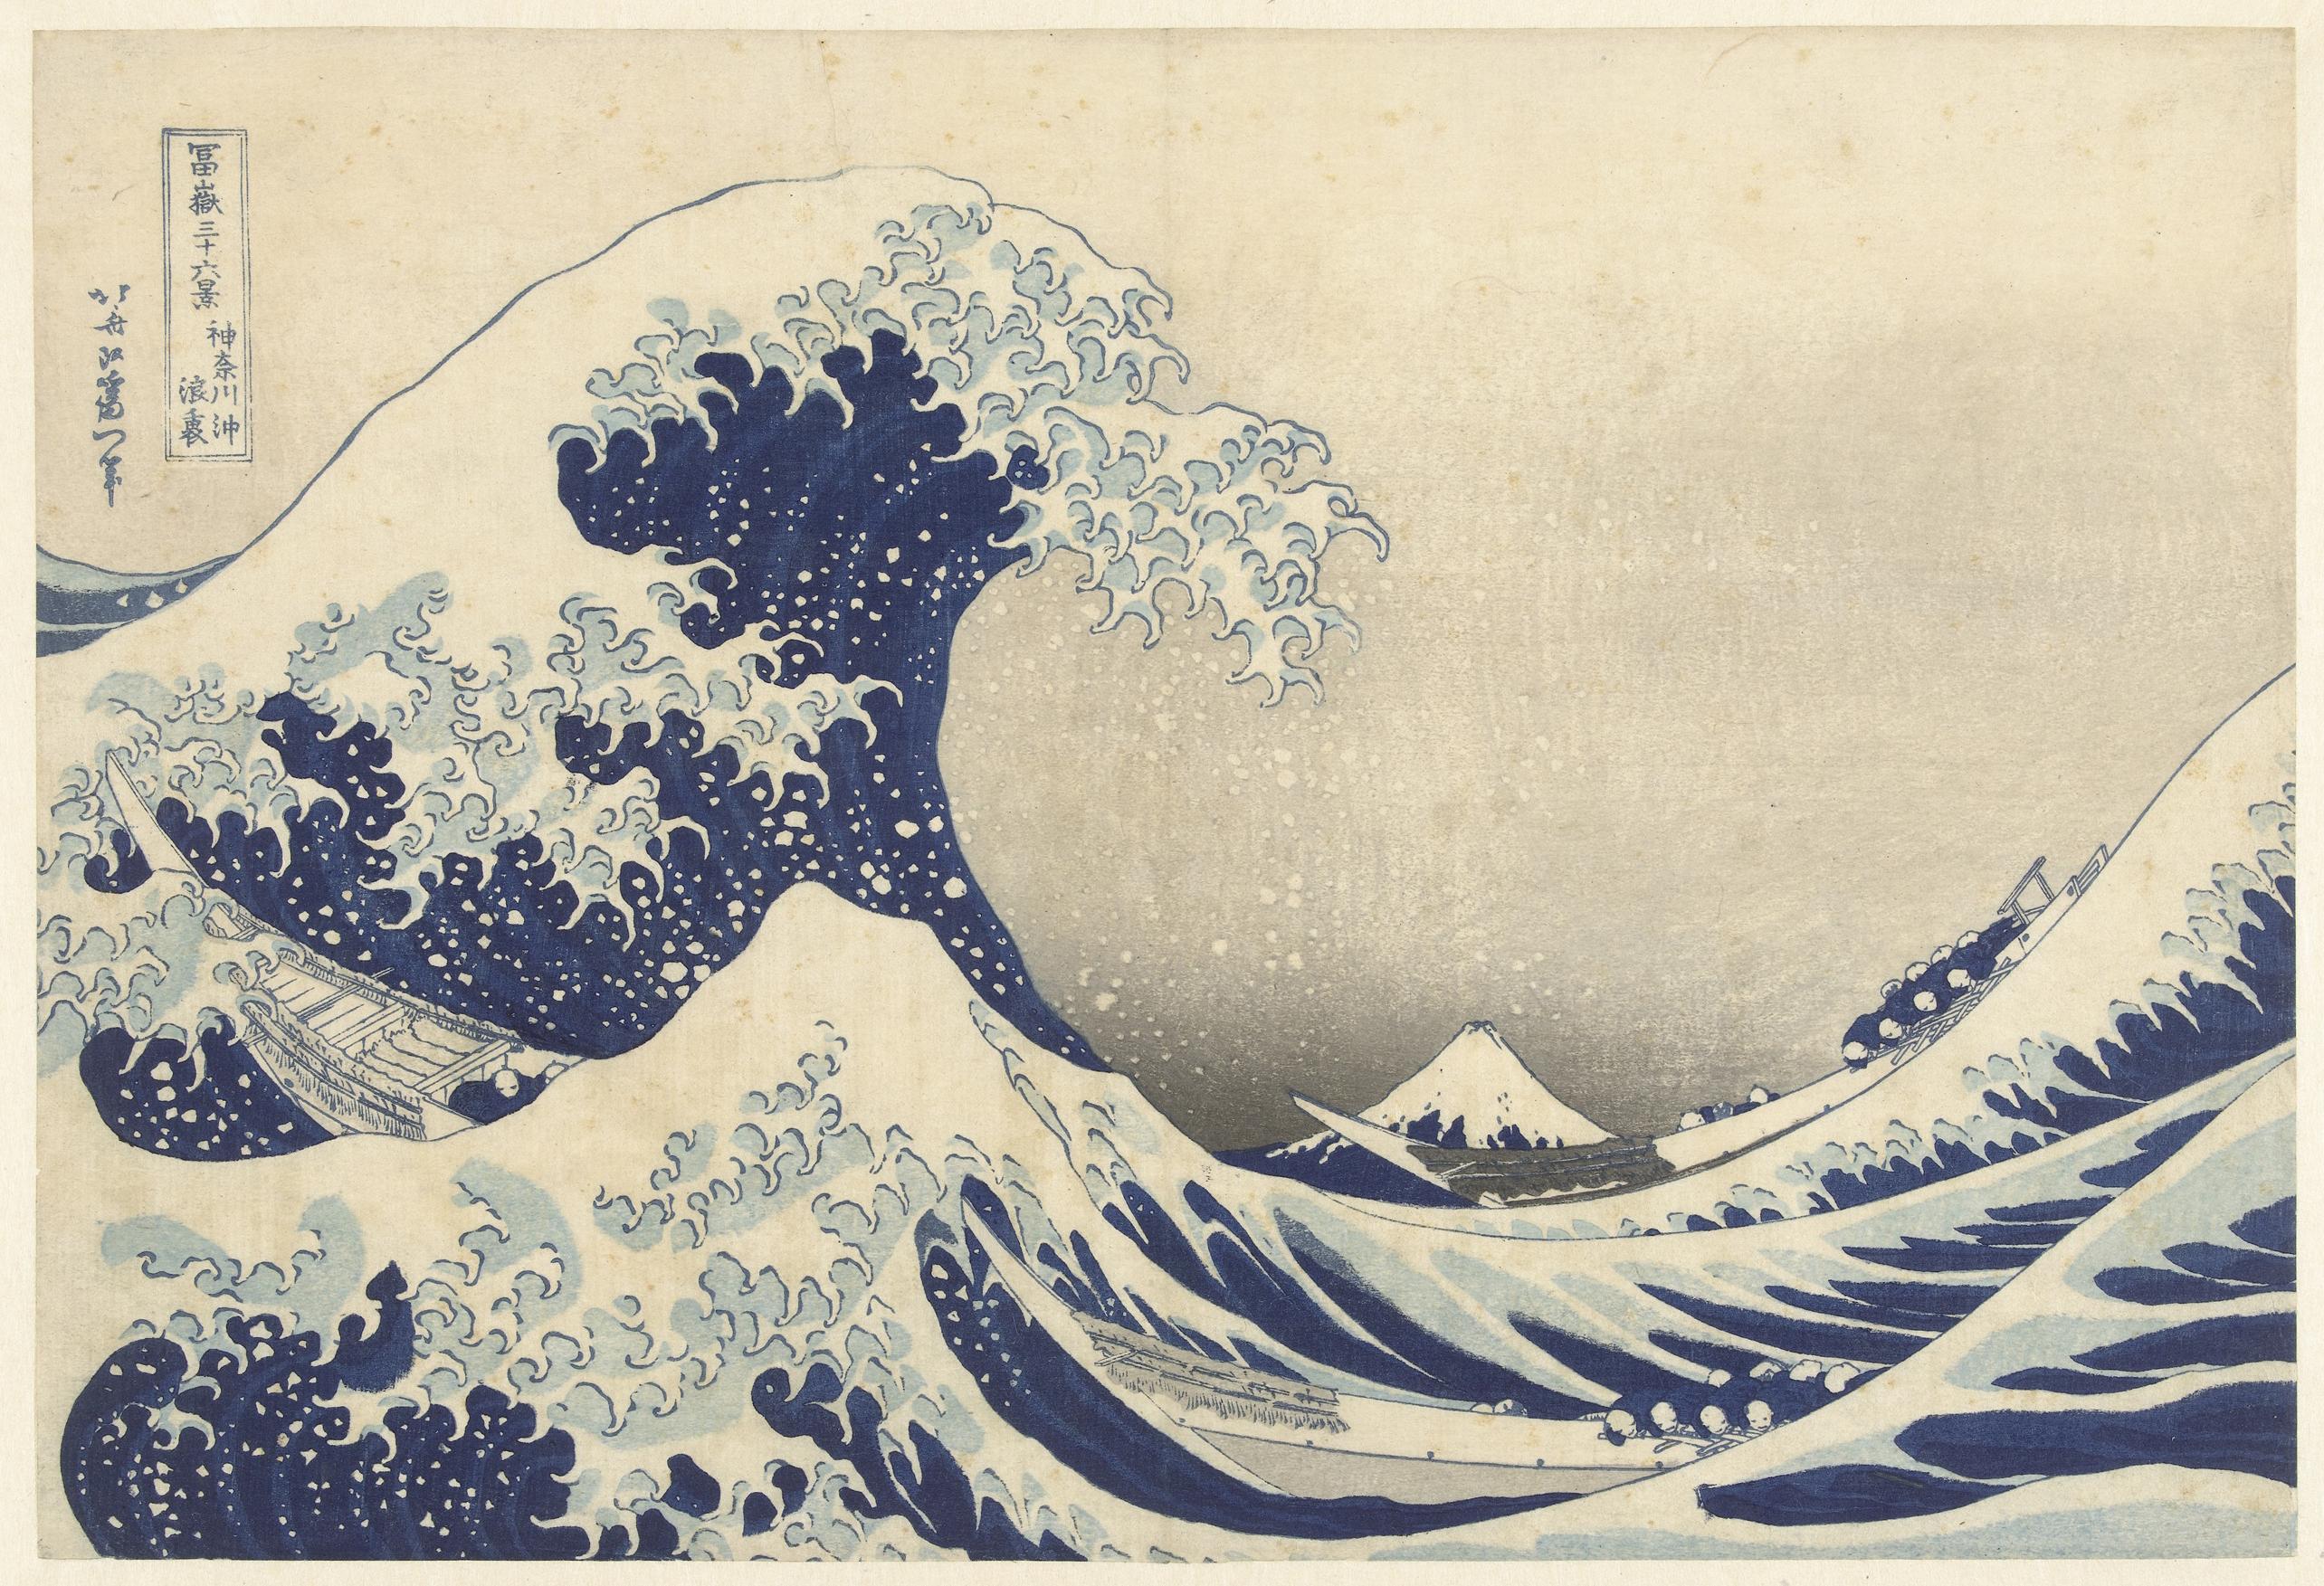 Estampas japonesas: la fantasía llegó a Europa